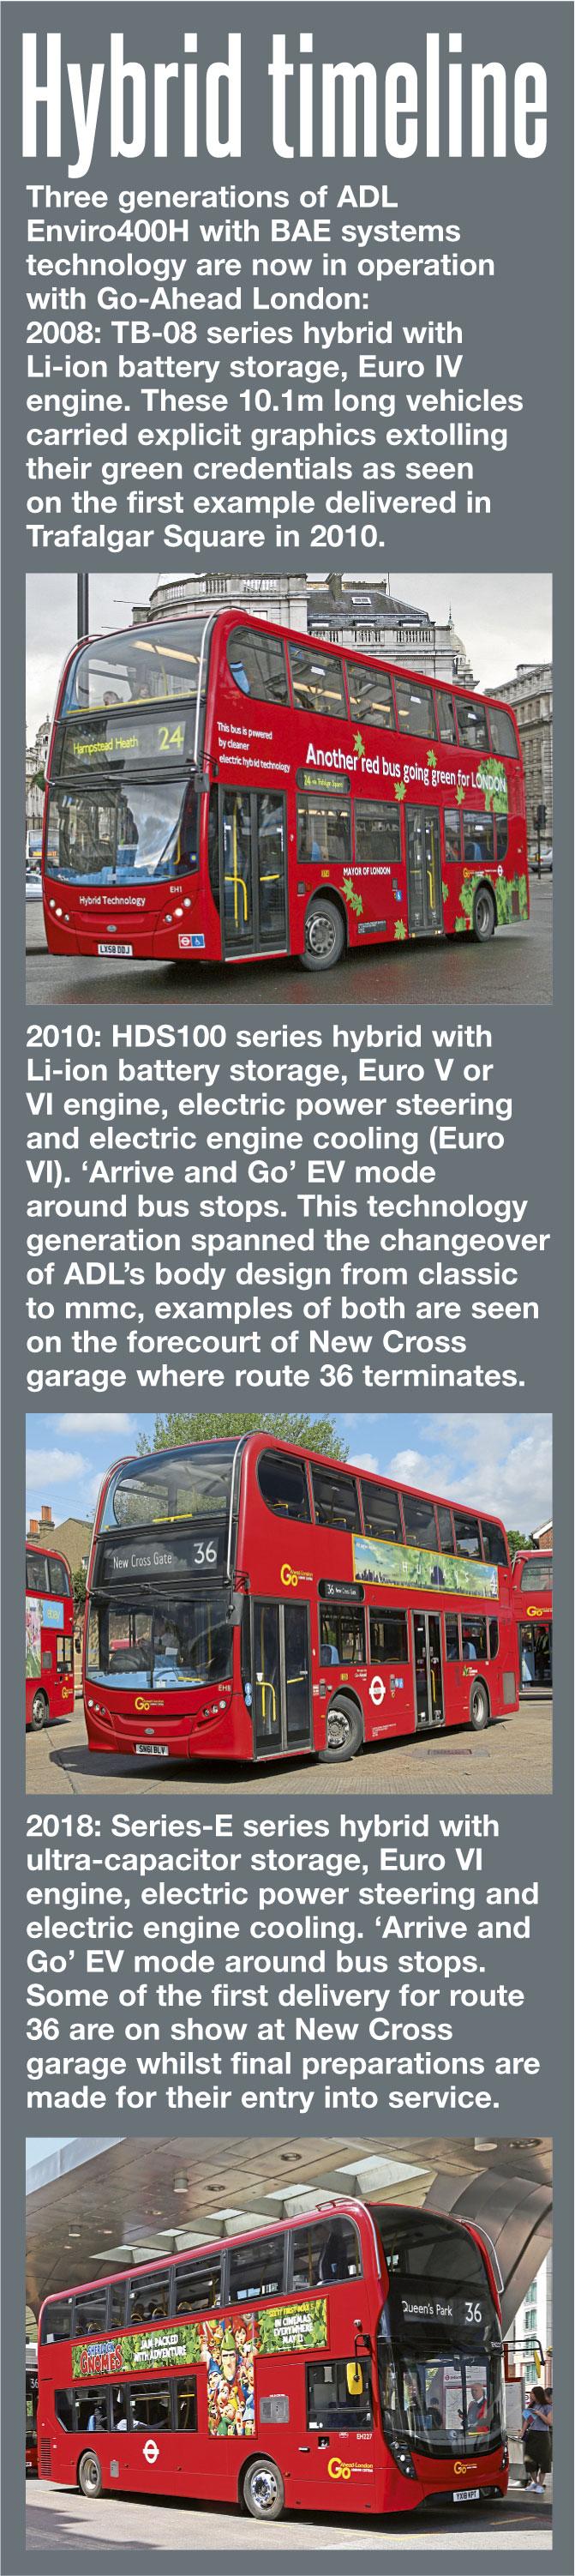 hybrid-timeline